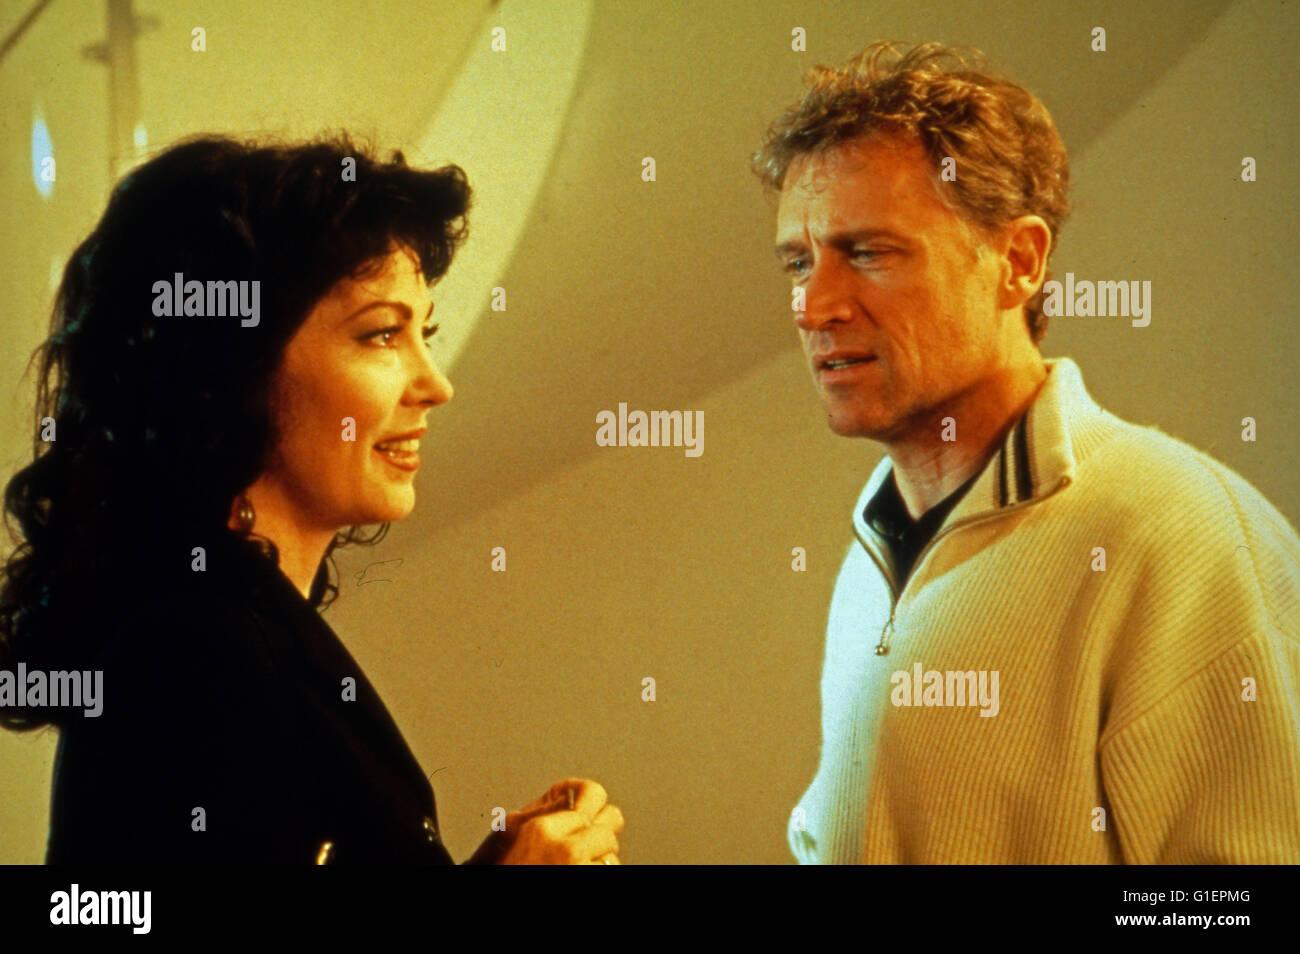 Ein Mann für meine Frau, Fernsehfilm, Deutschland 1993, Regie: Hartmut Griesmayr, Darsteller: Iris Berben, - Stock Image